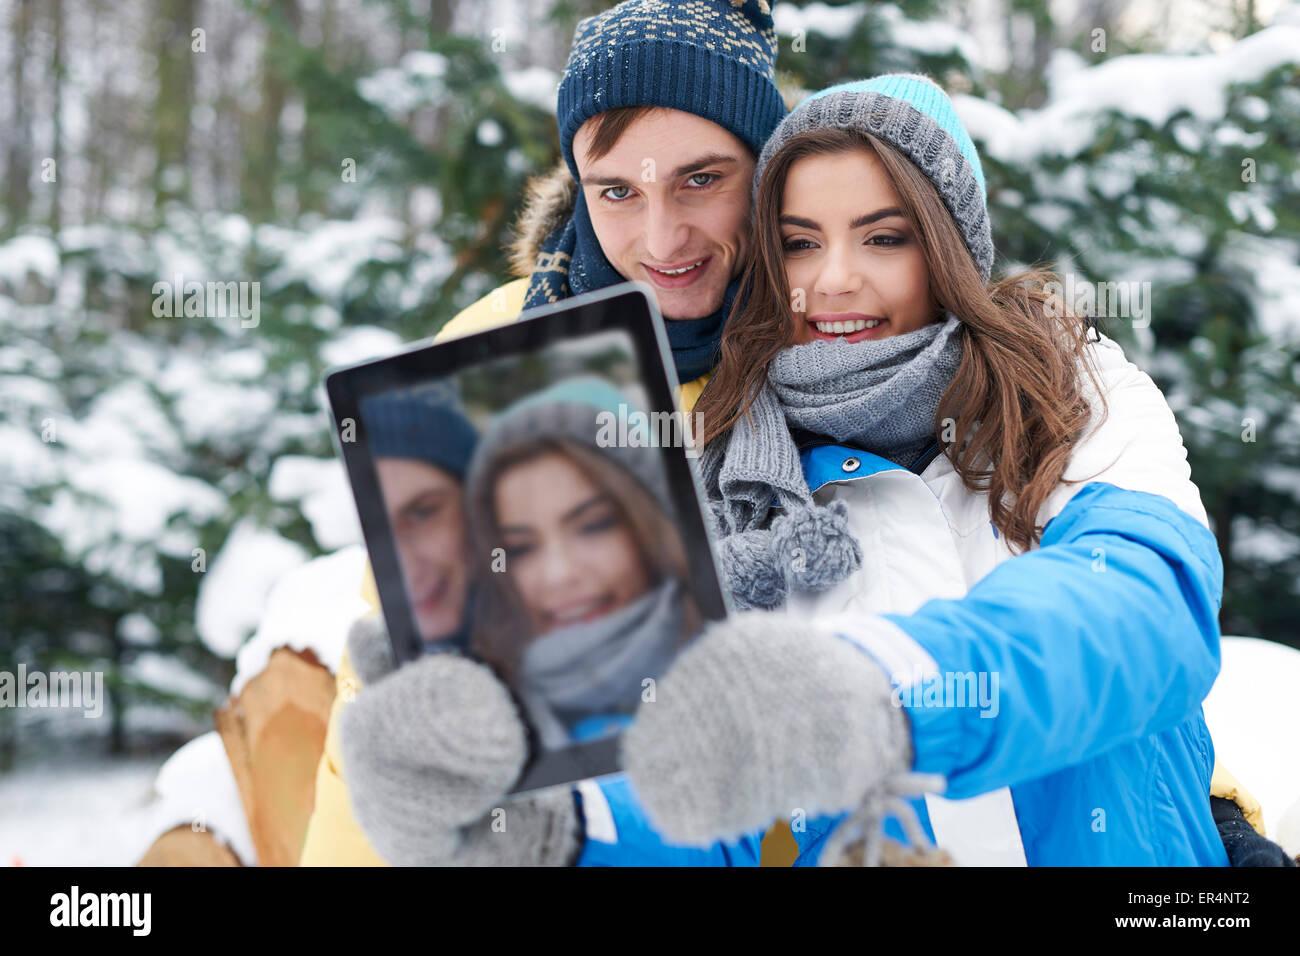 Hey baby, sonrisa! Estoy tomando selfie por tableta digital. Debica, Polonia Imagen De Stock